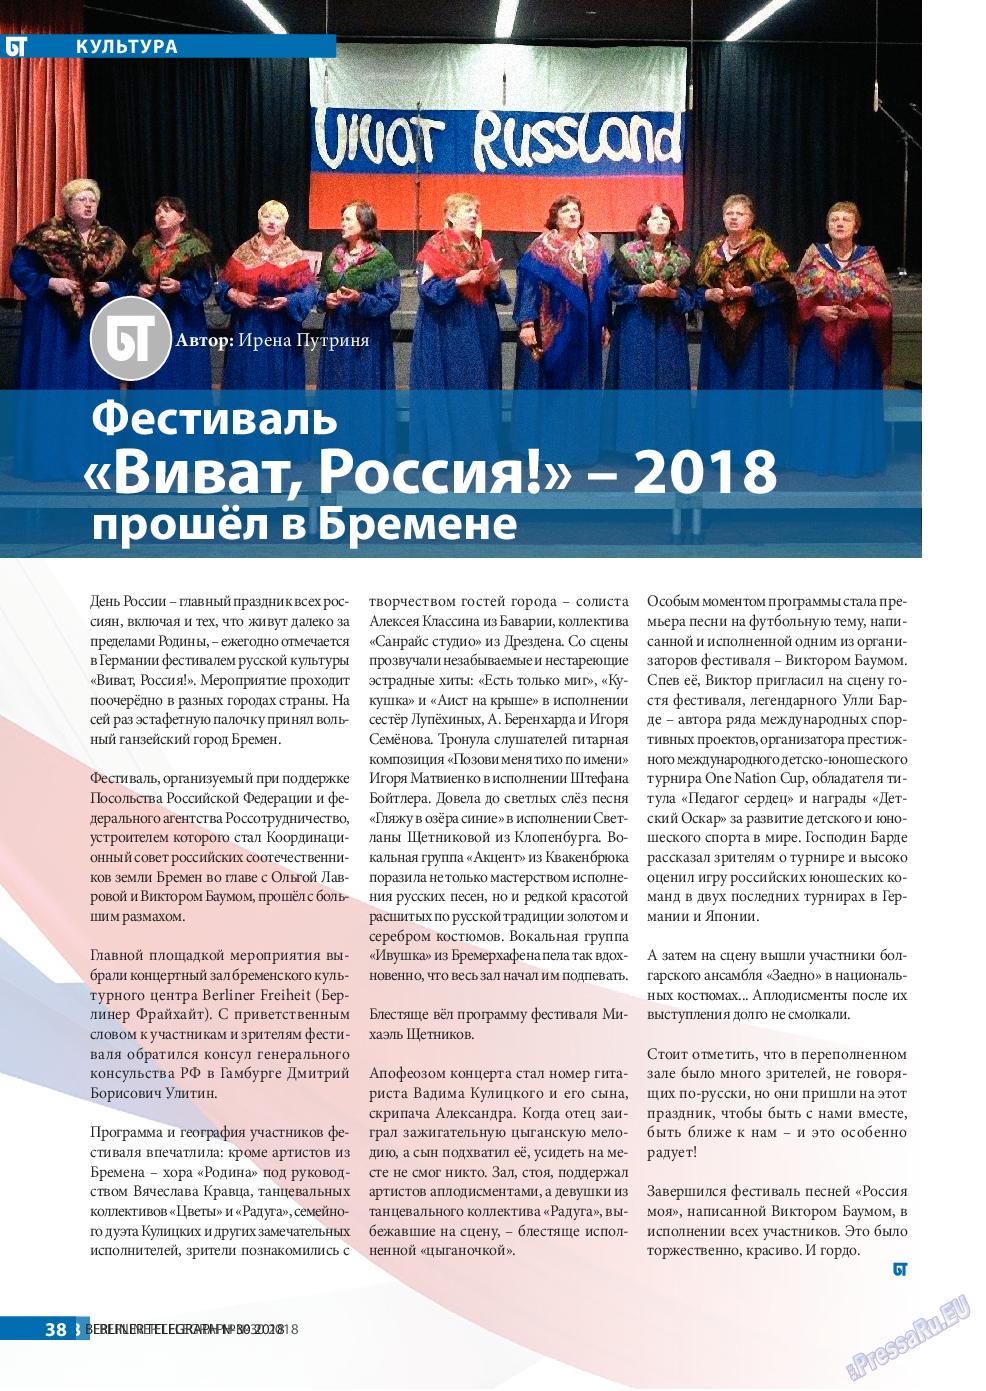 Берлинский телеграф (журнал). 2018 год, номер 30, стр. 38